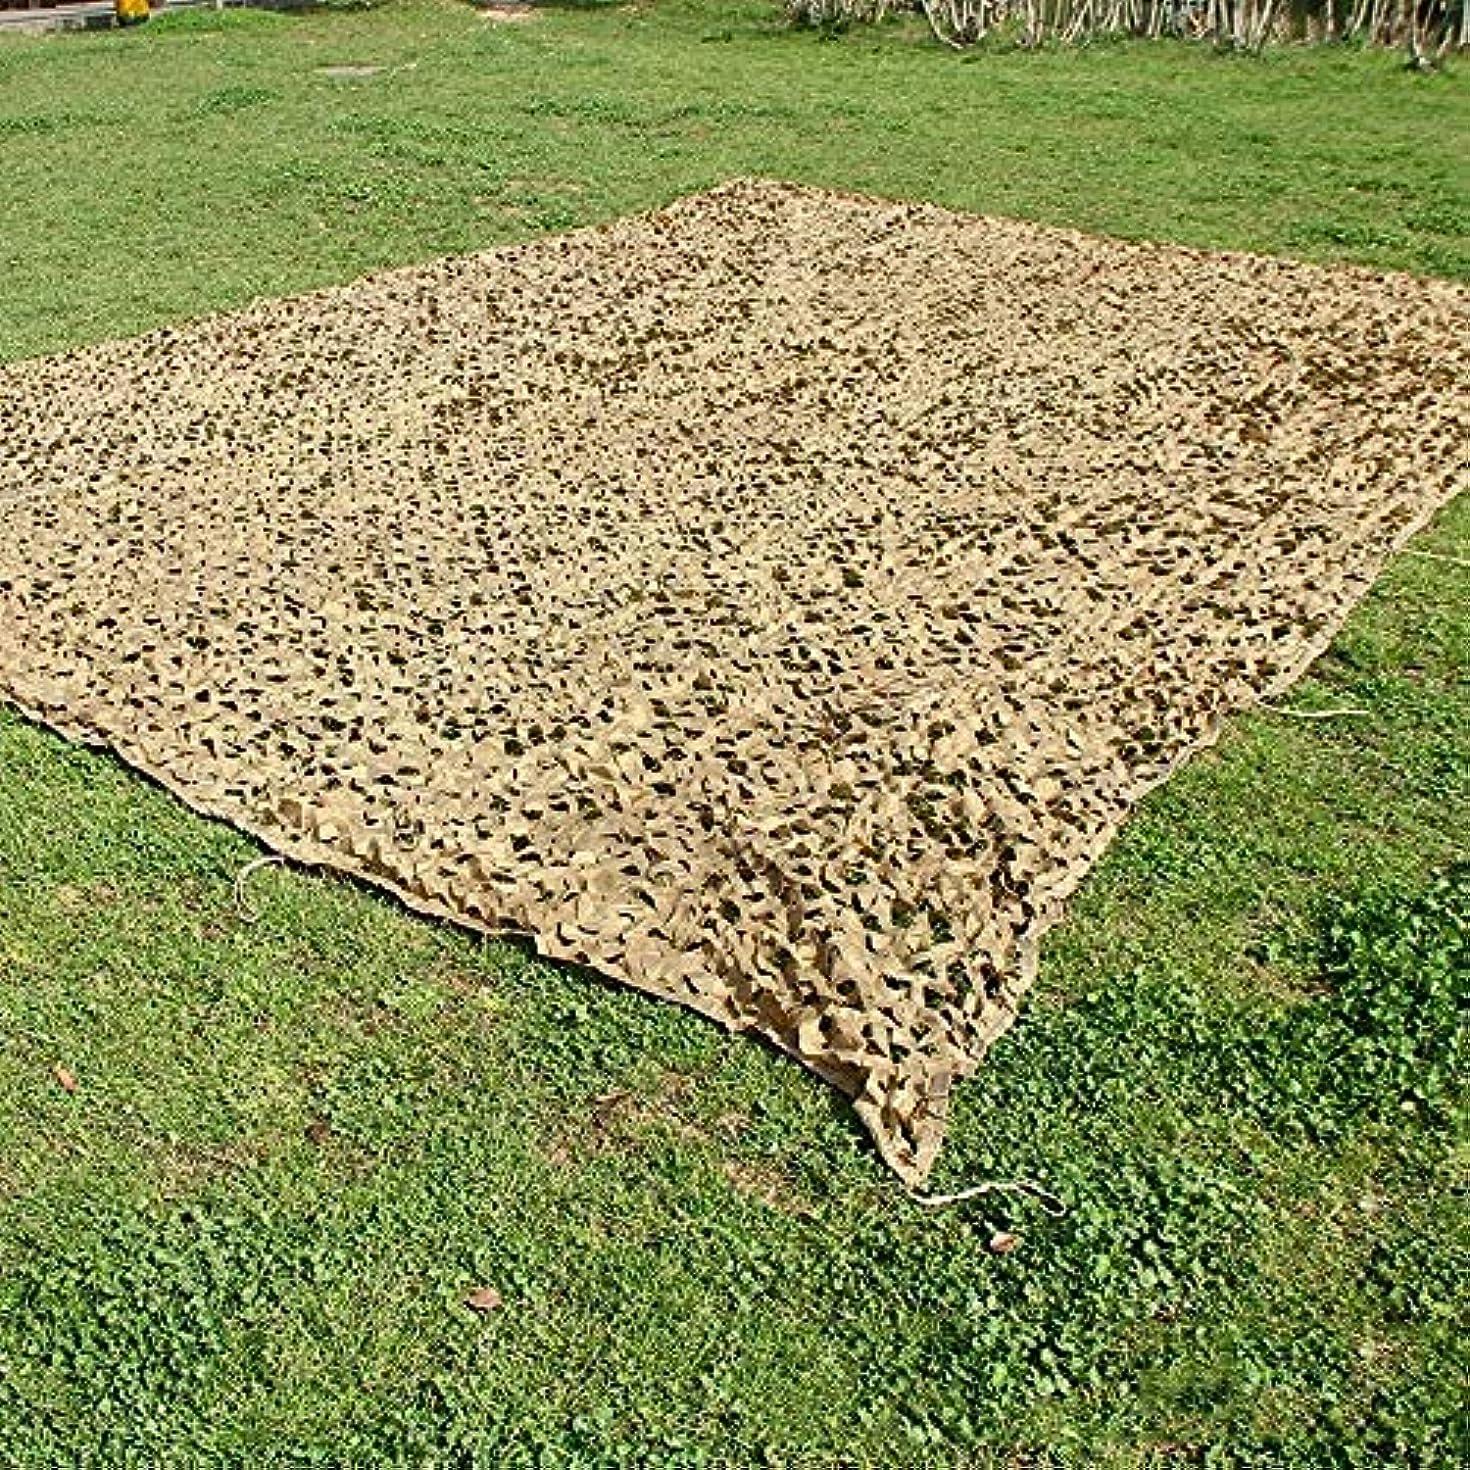 音声学ギネス粗いオックスフォード布迷彩ネット、森林迷彩ネット、キャンプに最適、CS、釣り、2 * 3m、3 * 5mなどのサイズの撮影に使用 (Size : 15x15m)